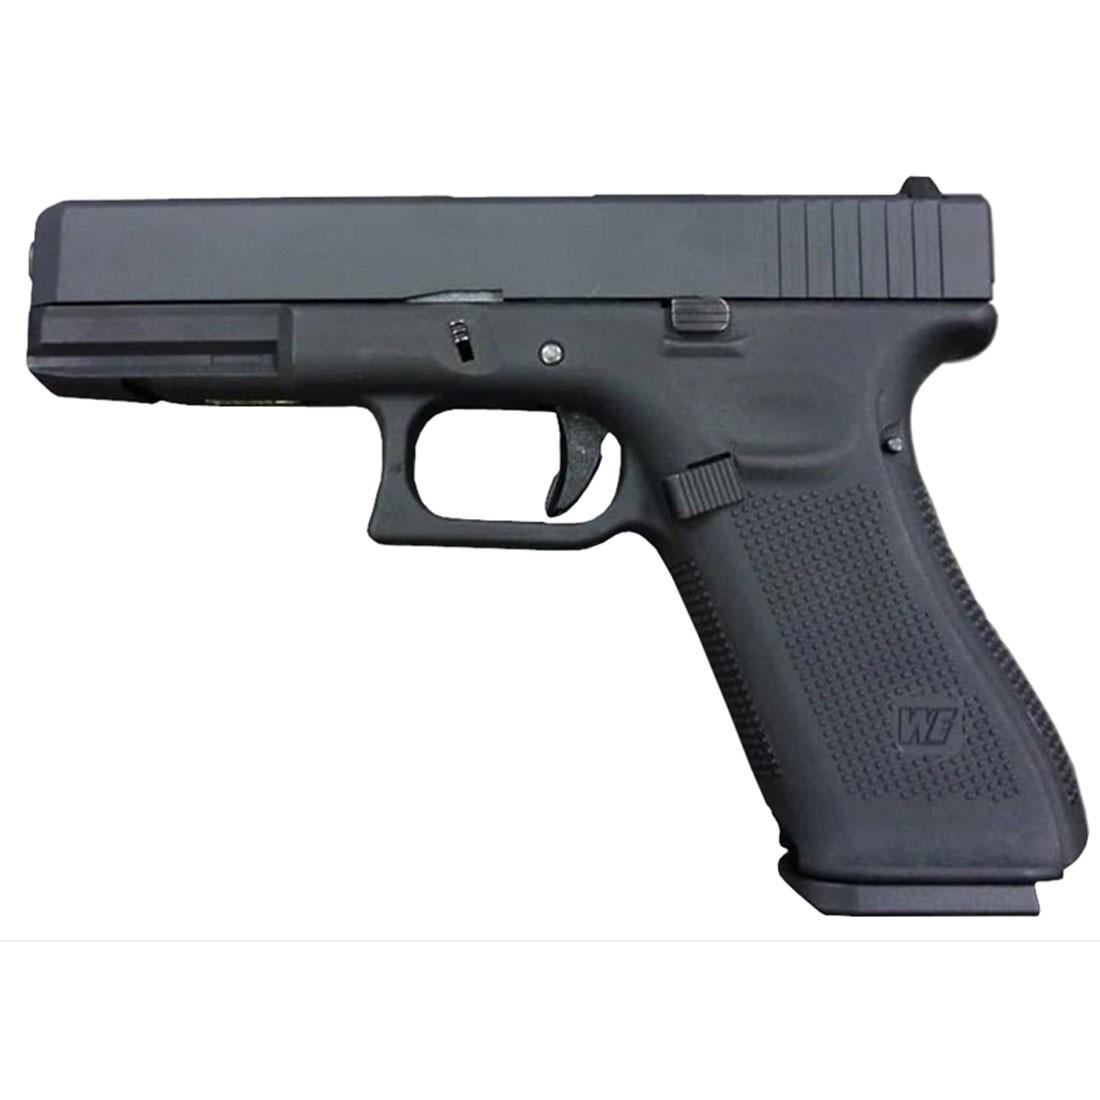 WE EU G17 Gen 5 GBB Airsoft Pistol (Black)